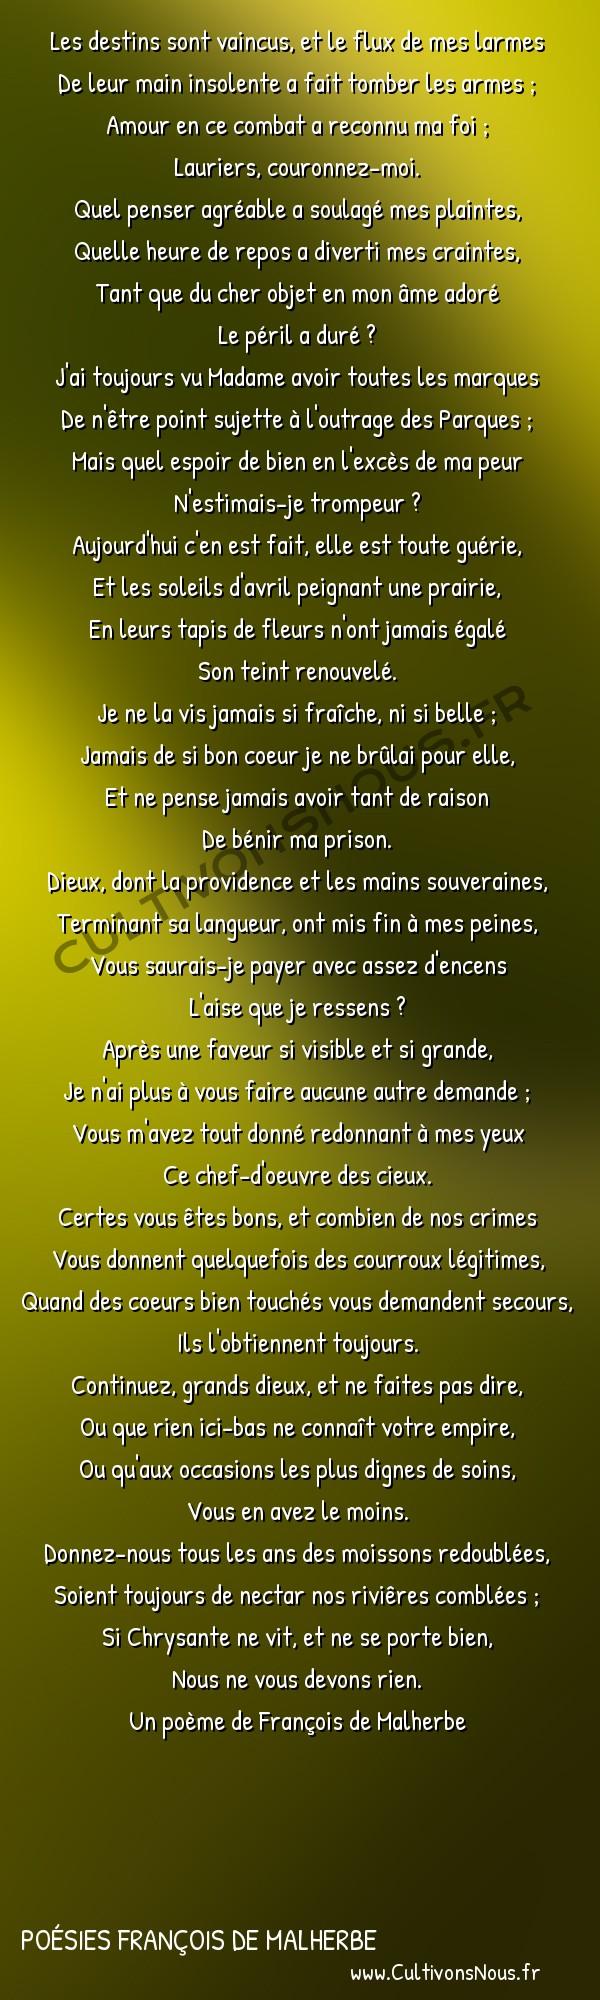 Poésies François de Malherbe - Poèmes - Pour la guérison de Chrysante -  Les destins sont vaincus, et le flux de mes larmes De leur main insolente a fait tomber les armes ;